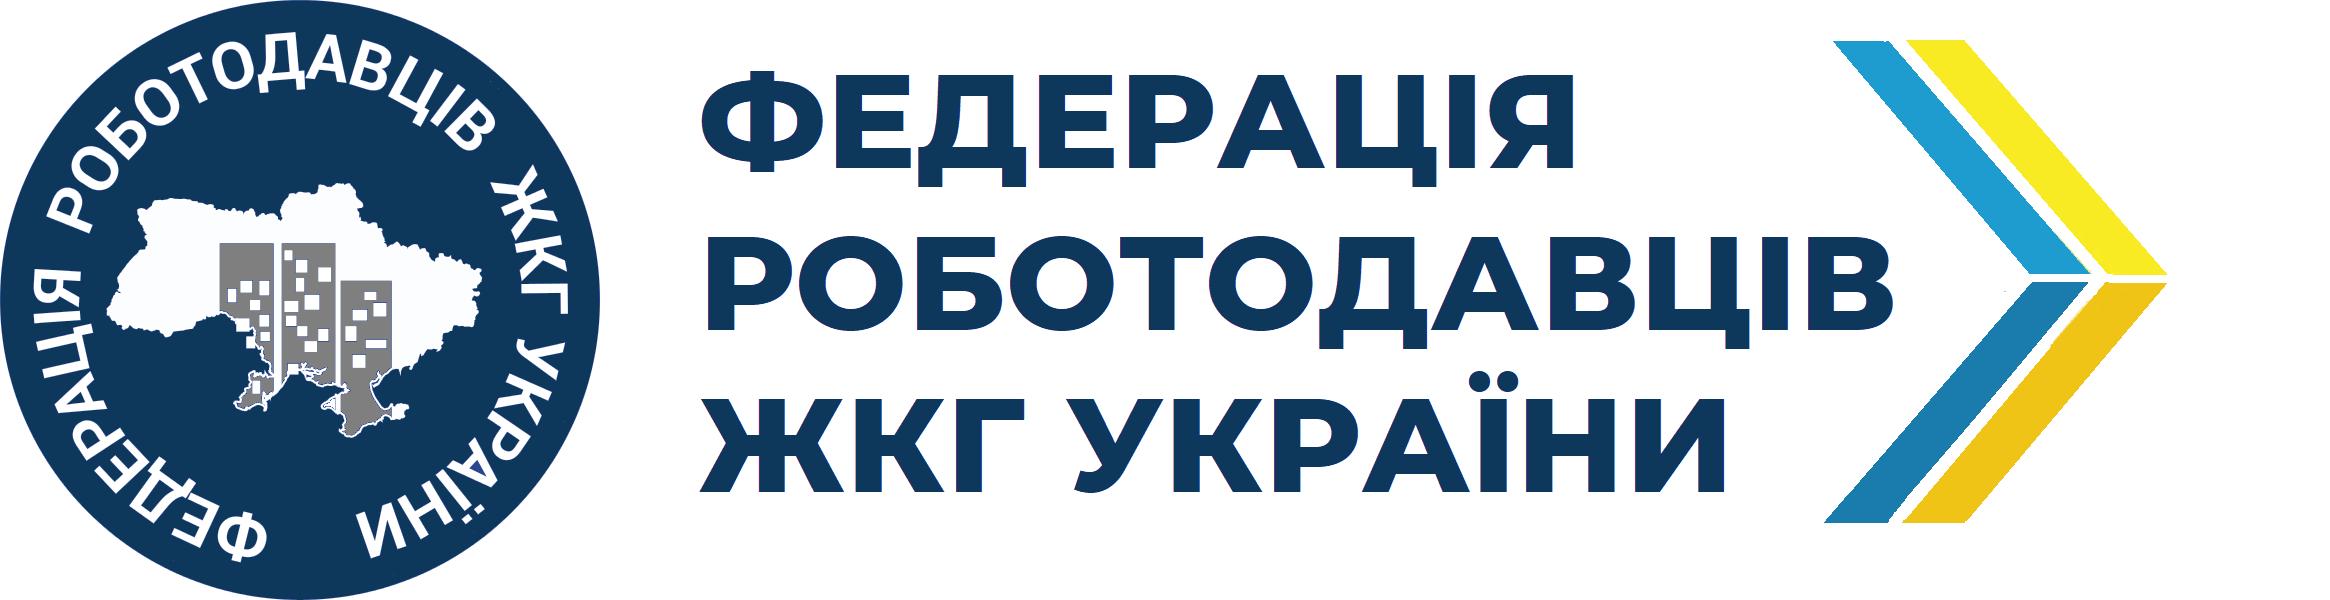 , Оновлена редакція Галузевої угоди ЖКГ №57, Федерація роботодавців ЖКГ України, КИЇВ